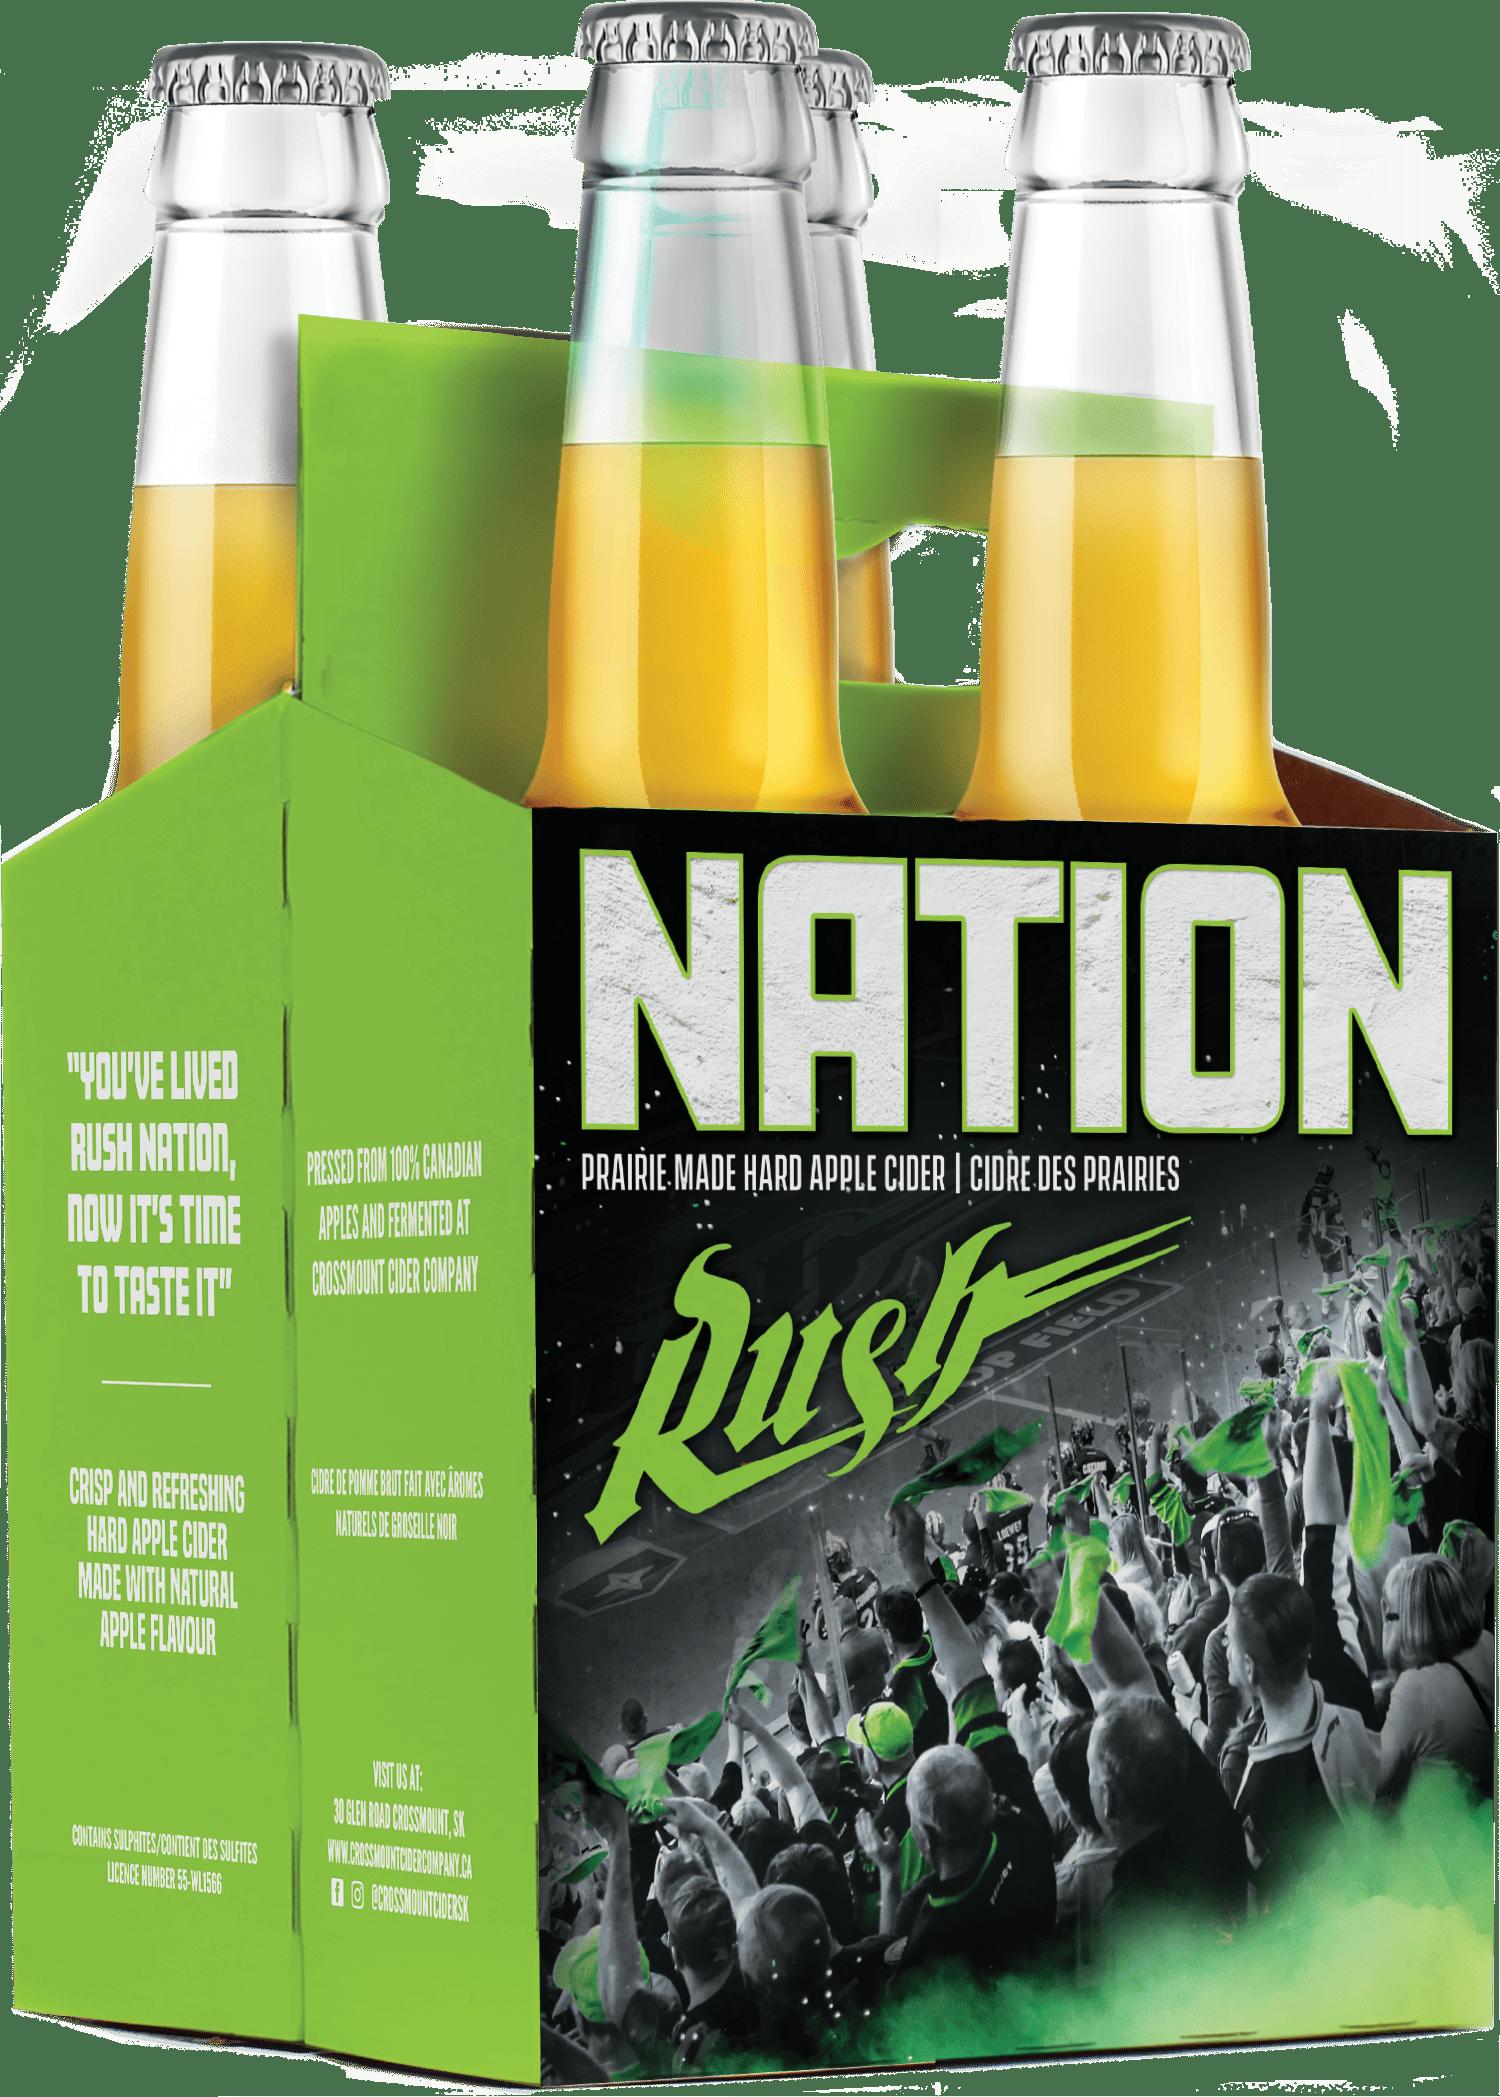 Rush Nation